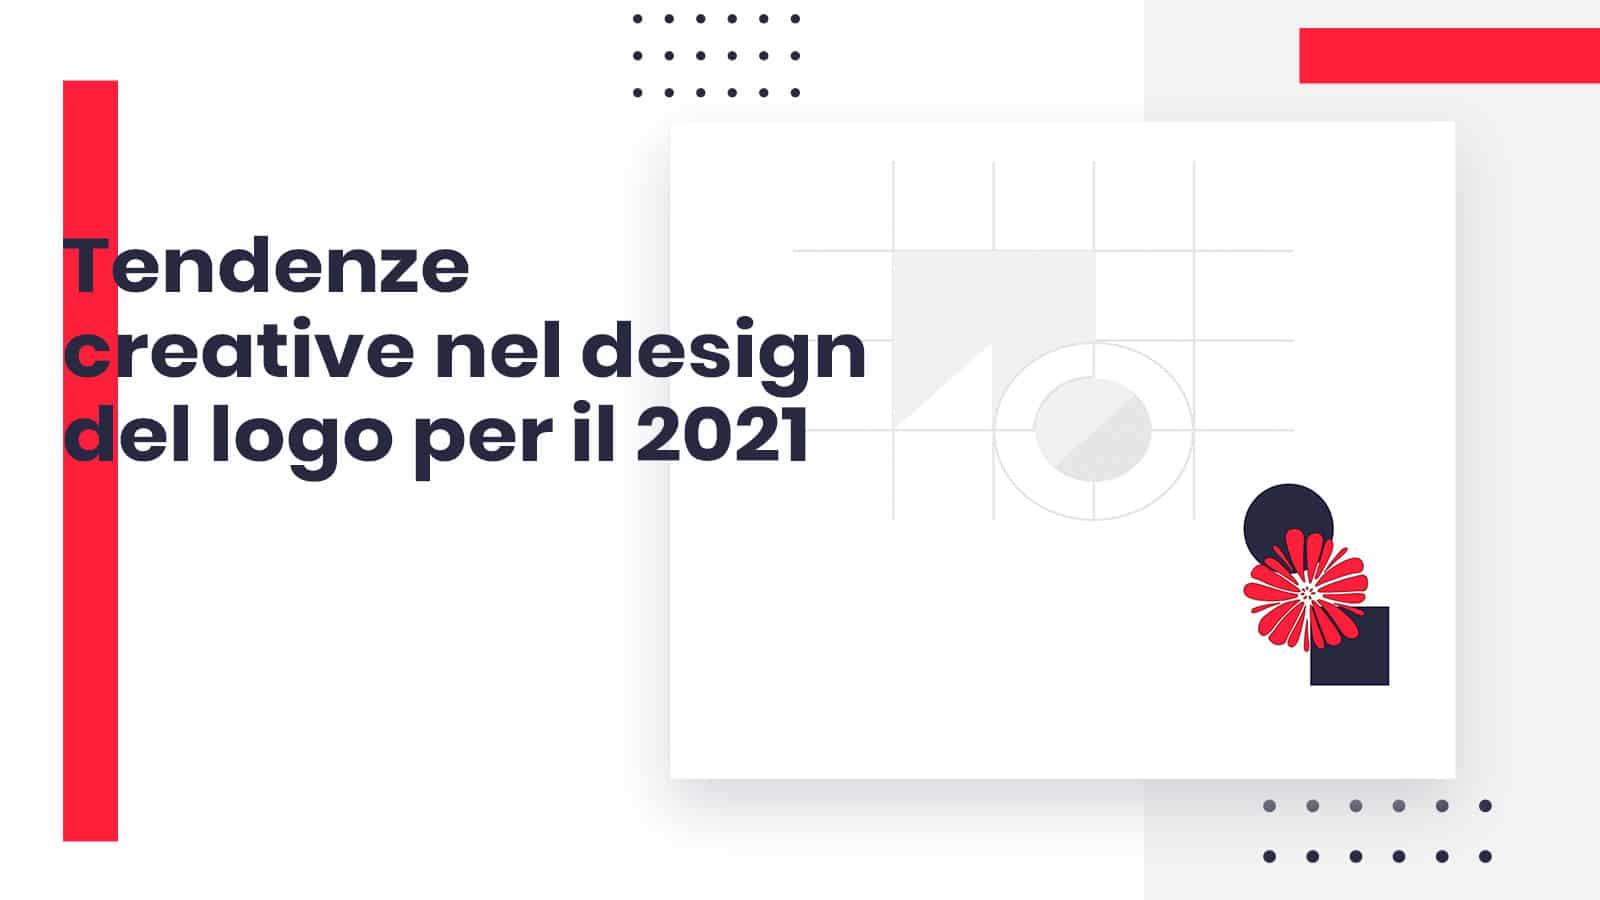 Tendenze creative nel design del logo per il 2021